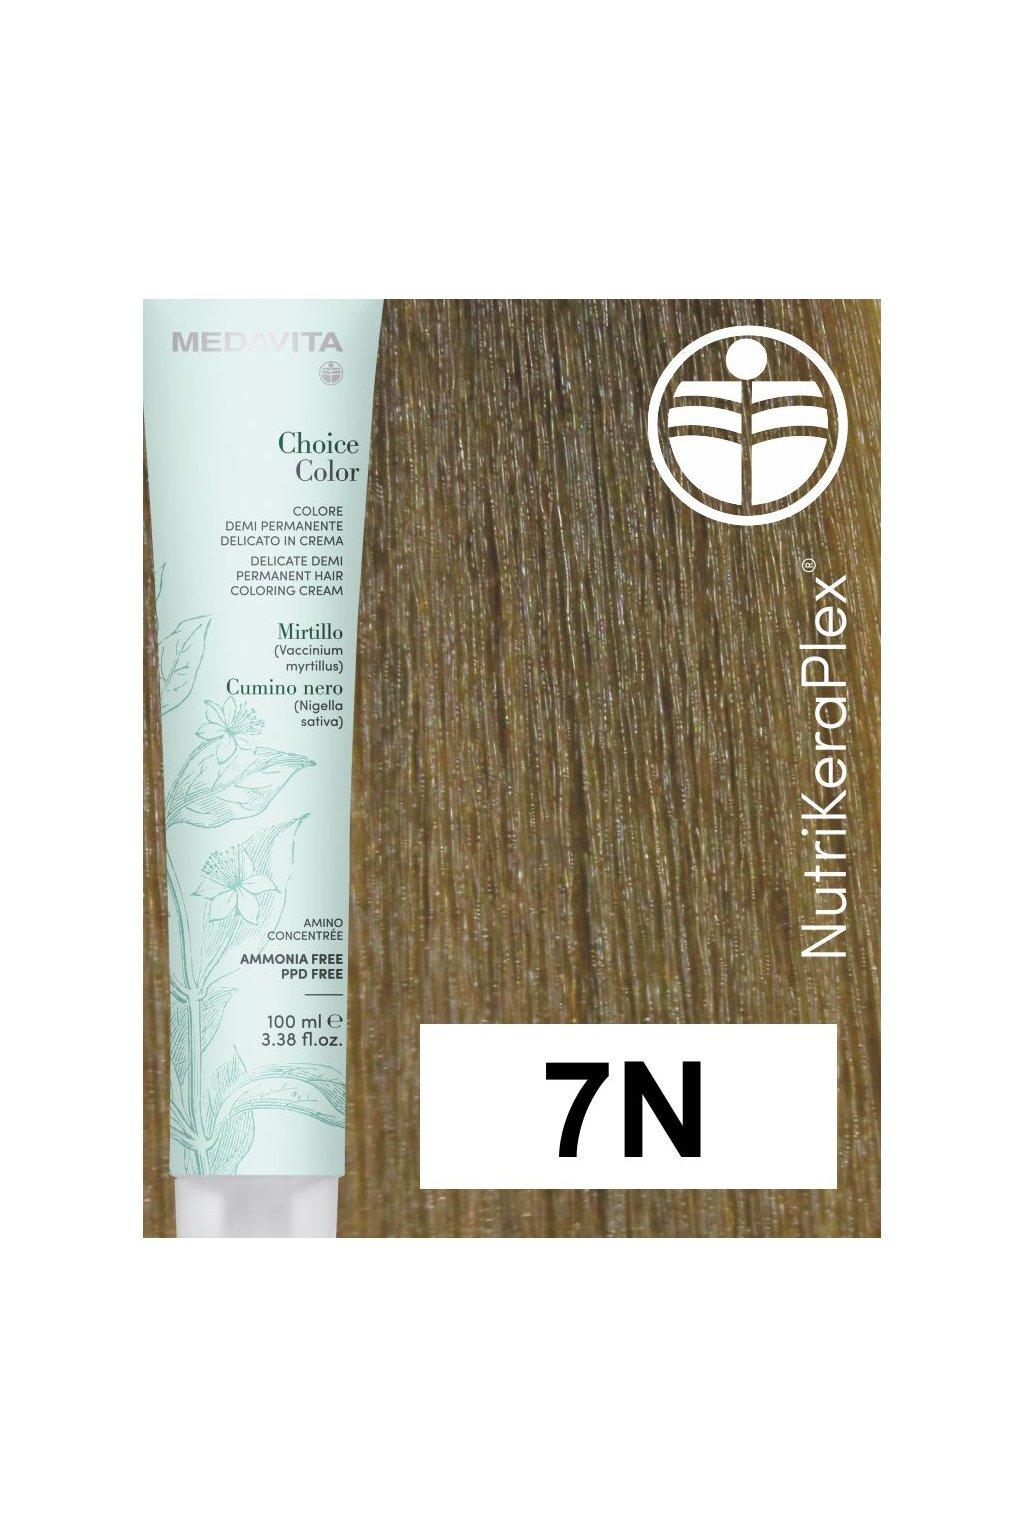 7N mv choice color